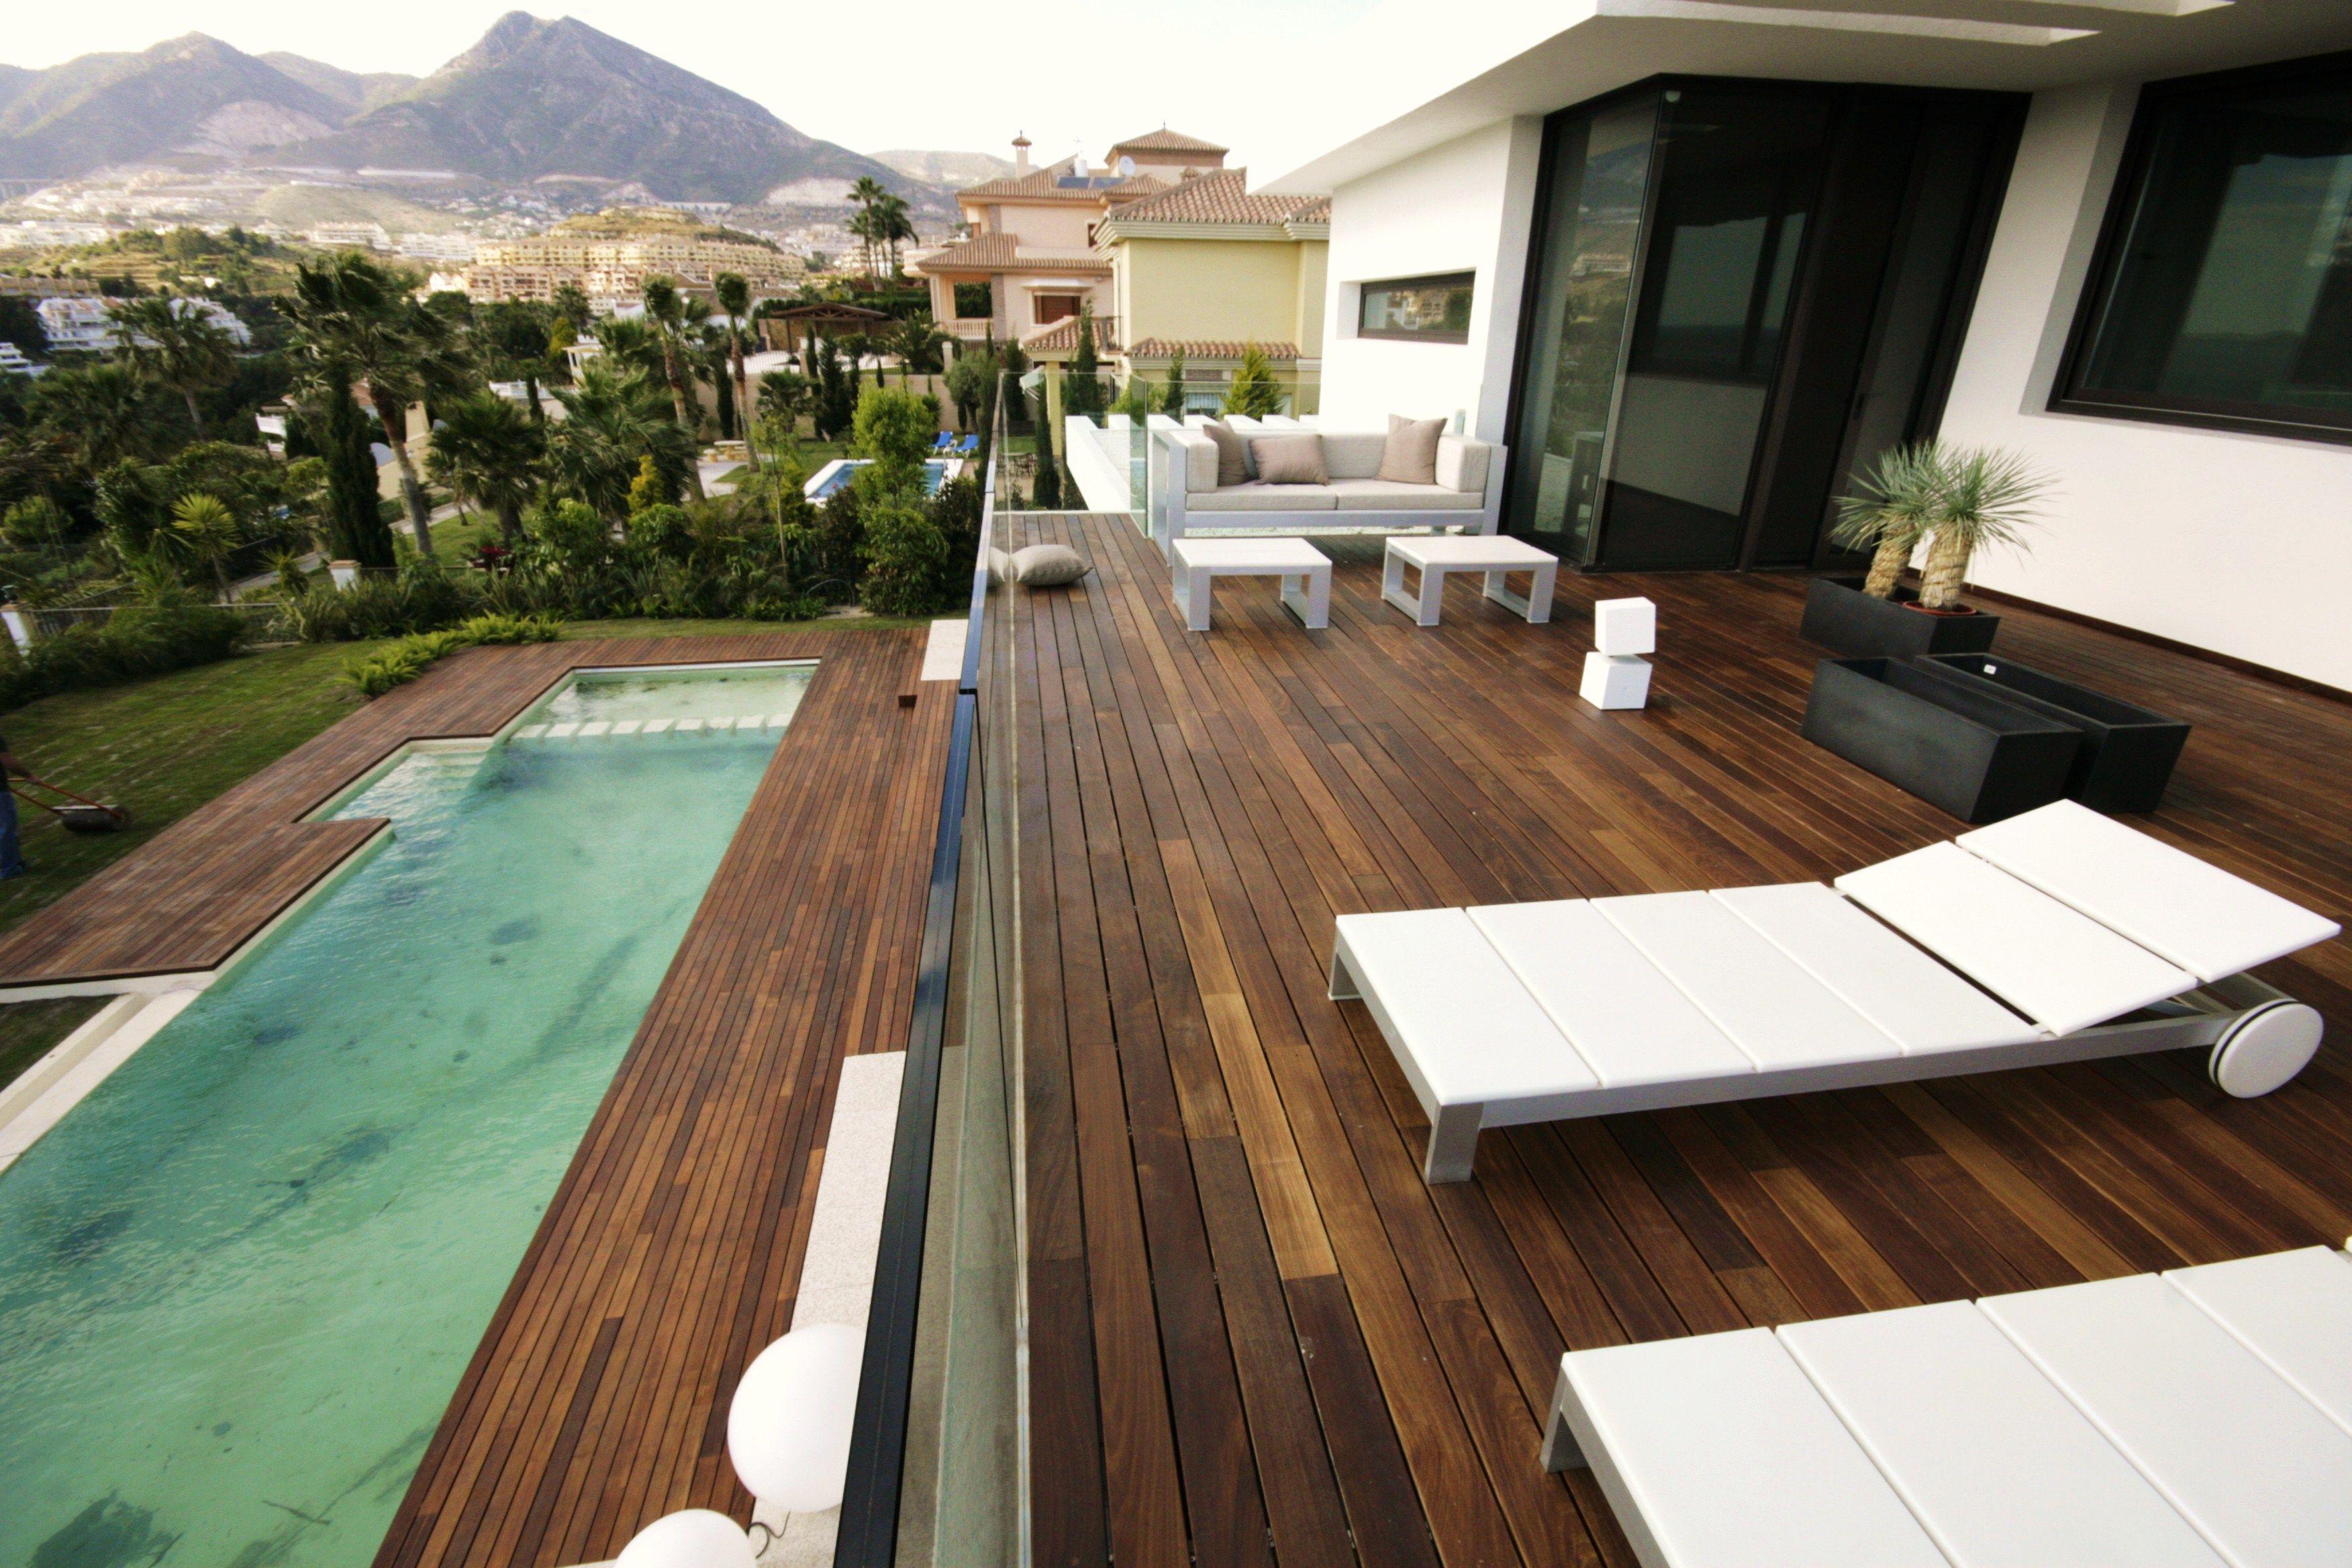 madera de terrazas hoy nos gustara inaugurar una nueva categora del blog en la que